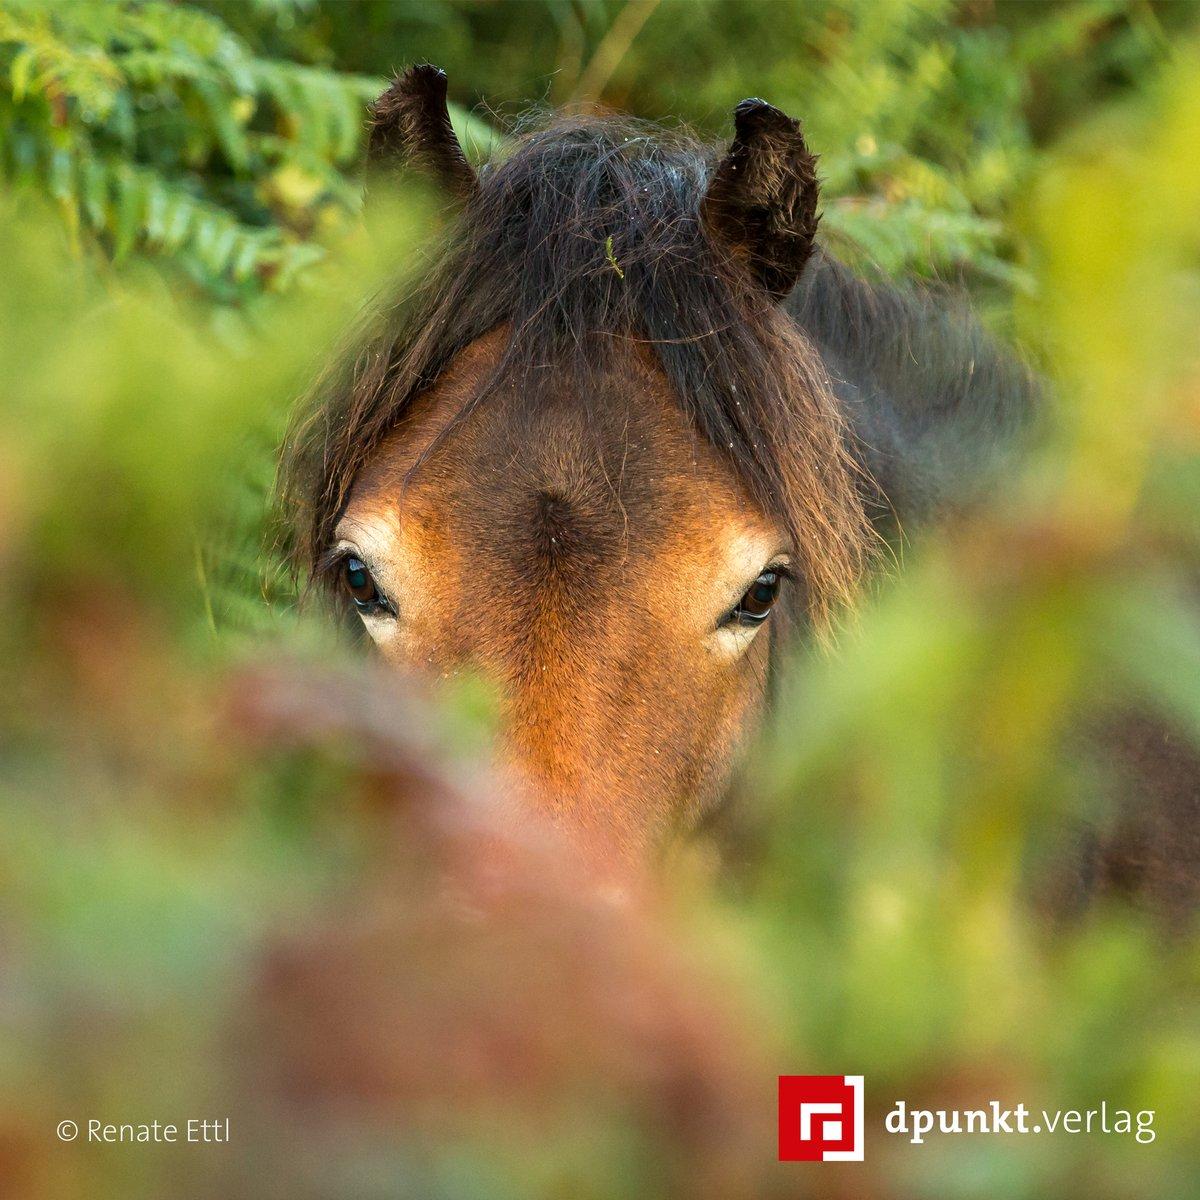 #Exmoorpony im Exmoor National Park, England. In meterhohen, dunklen Farnwäldern in der Gegend um Porlock Hill können sich die wildlebenden Exmoorponys vor allzu neugierigen Blicken gut verstecken. Mehr dazu in »Kreative Pferdefotografie«. #kreativ #tierfotografie #lesetipppic.twitter.com/mJ7JvyxLvO